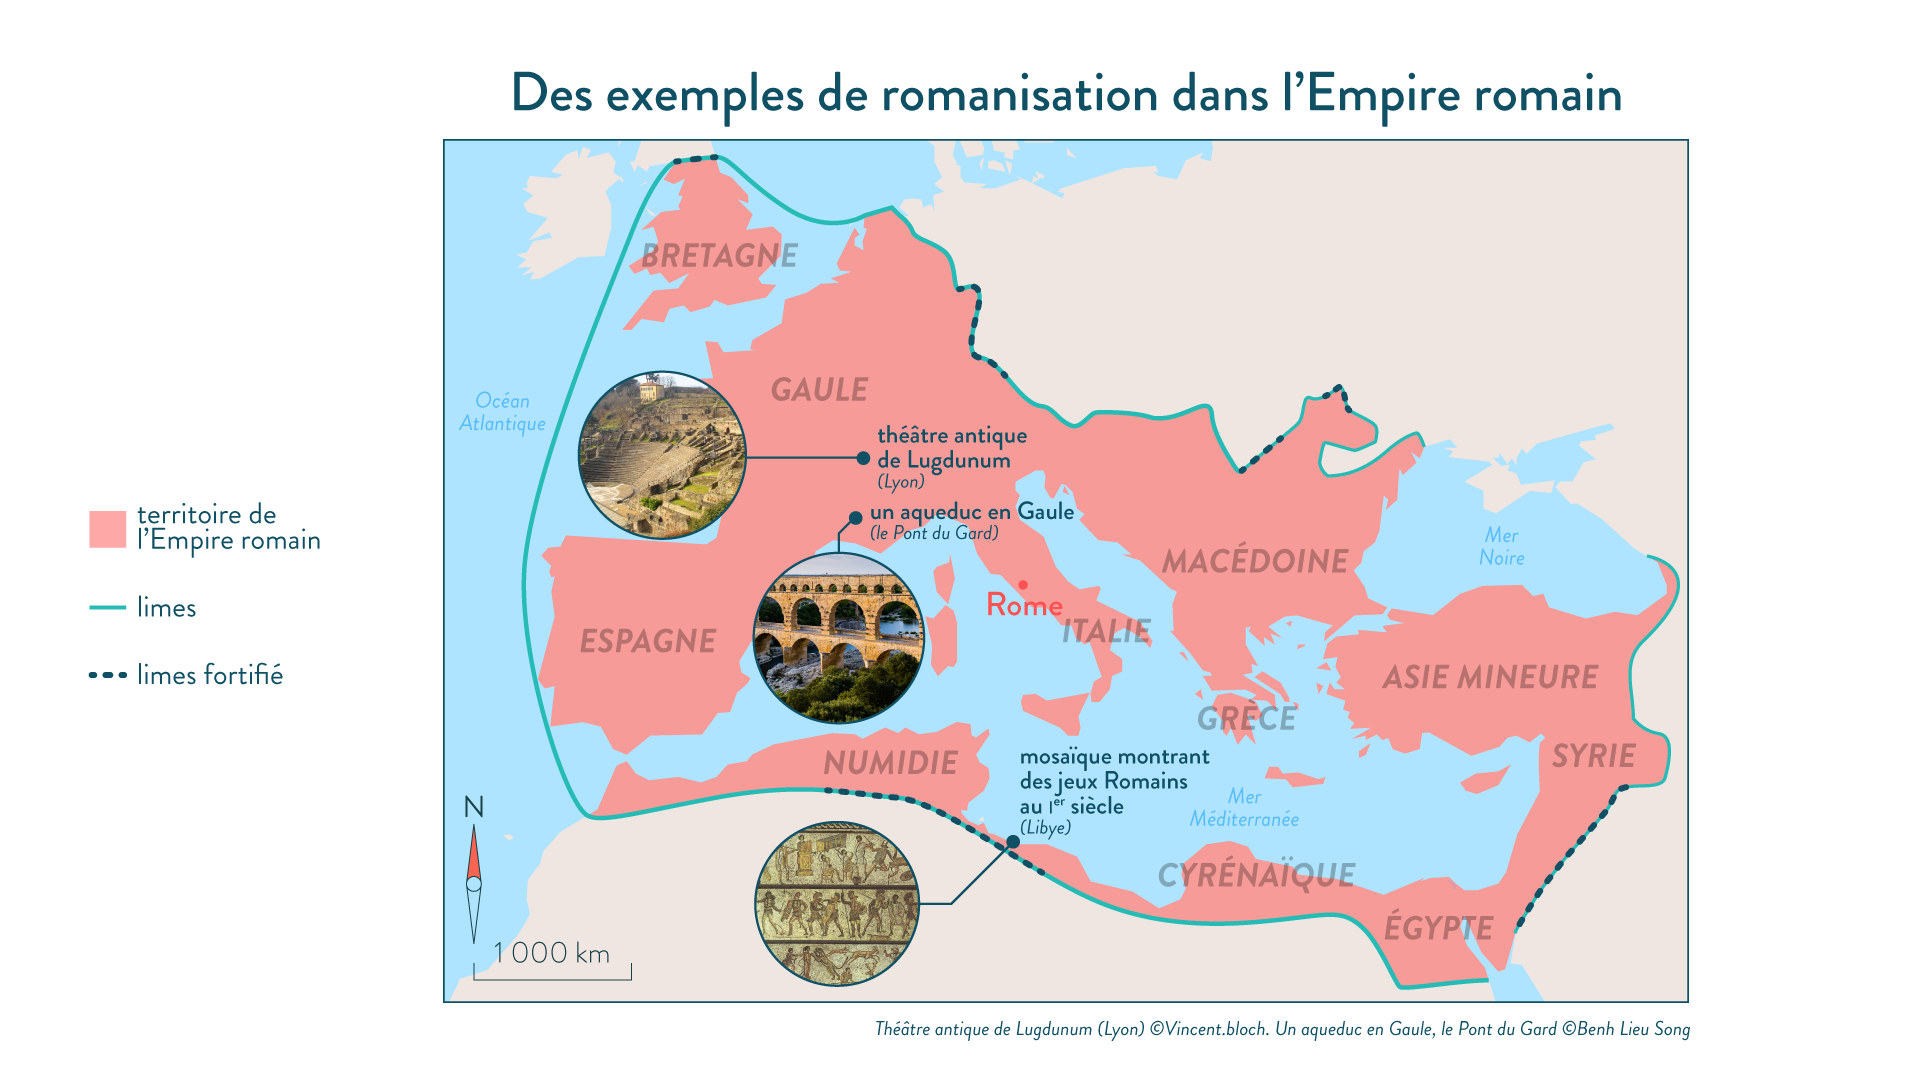 Des exemples de la romanisation dans l'Empire romain-histoire-6e